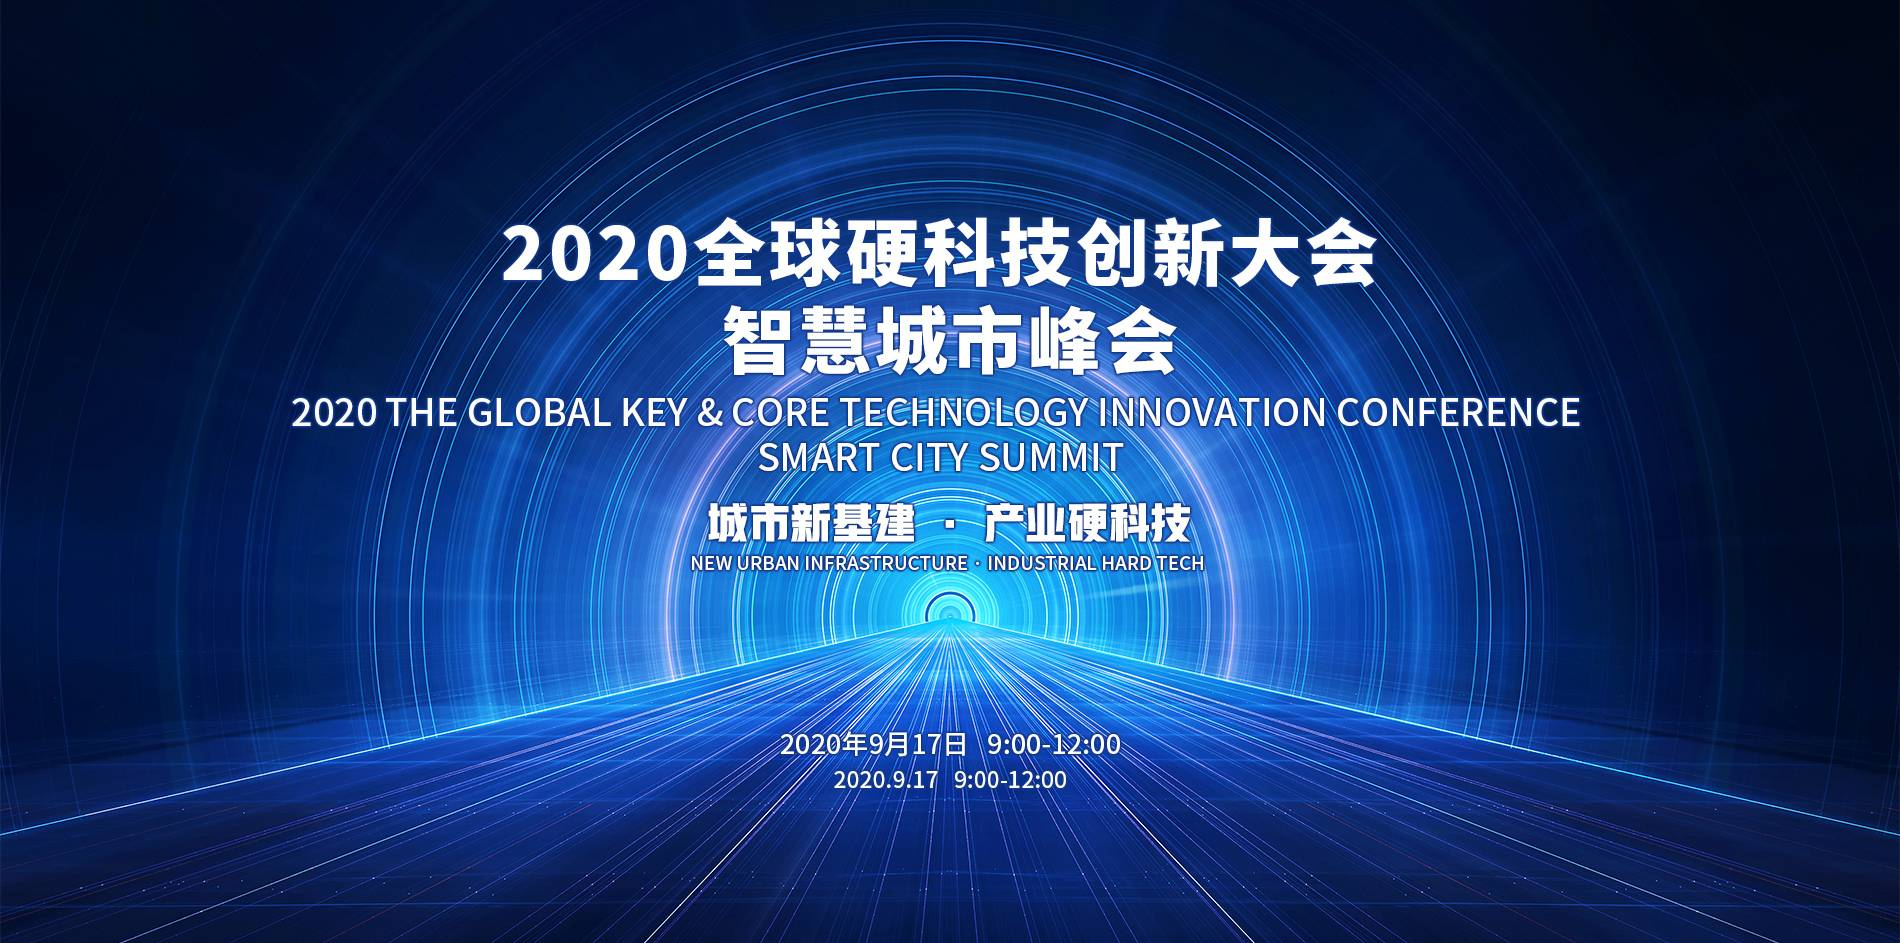 【活動】2020全球硬科技創新大會 智慧城市峰會-億歐